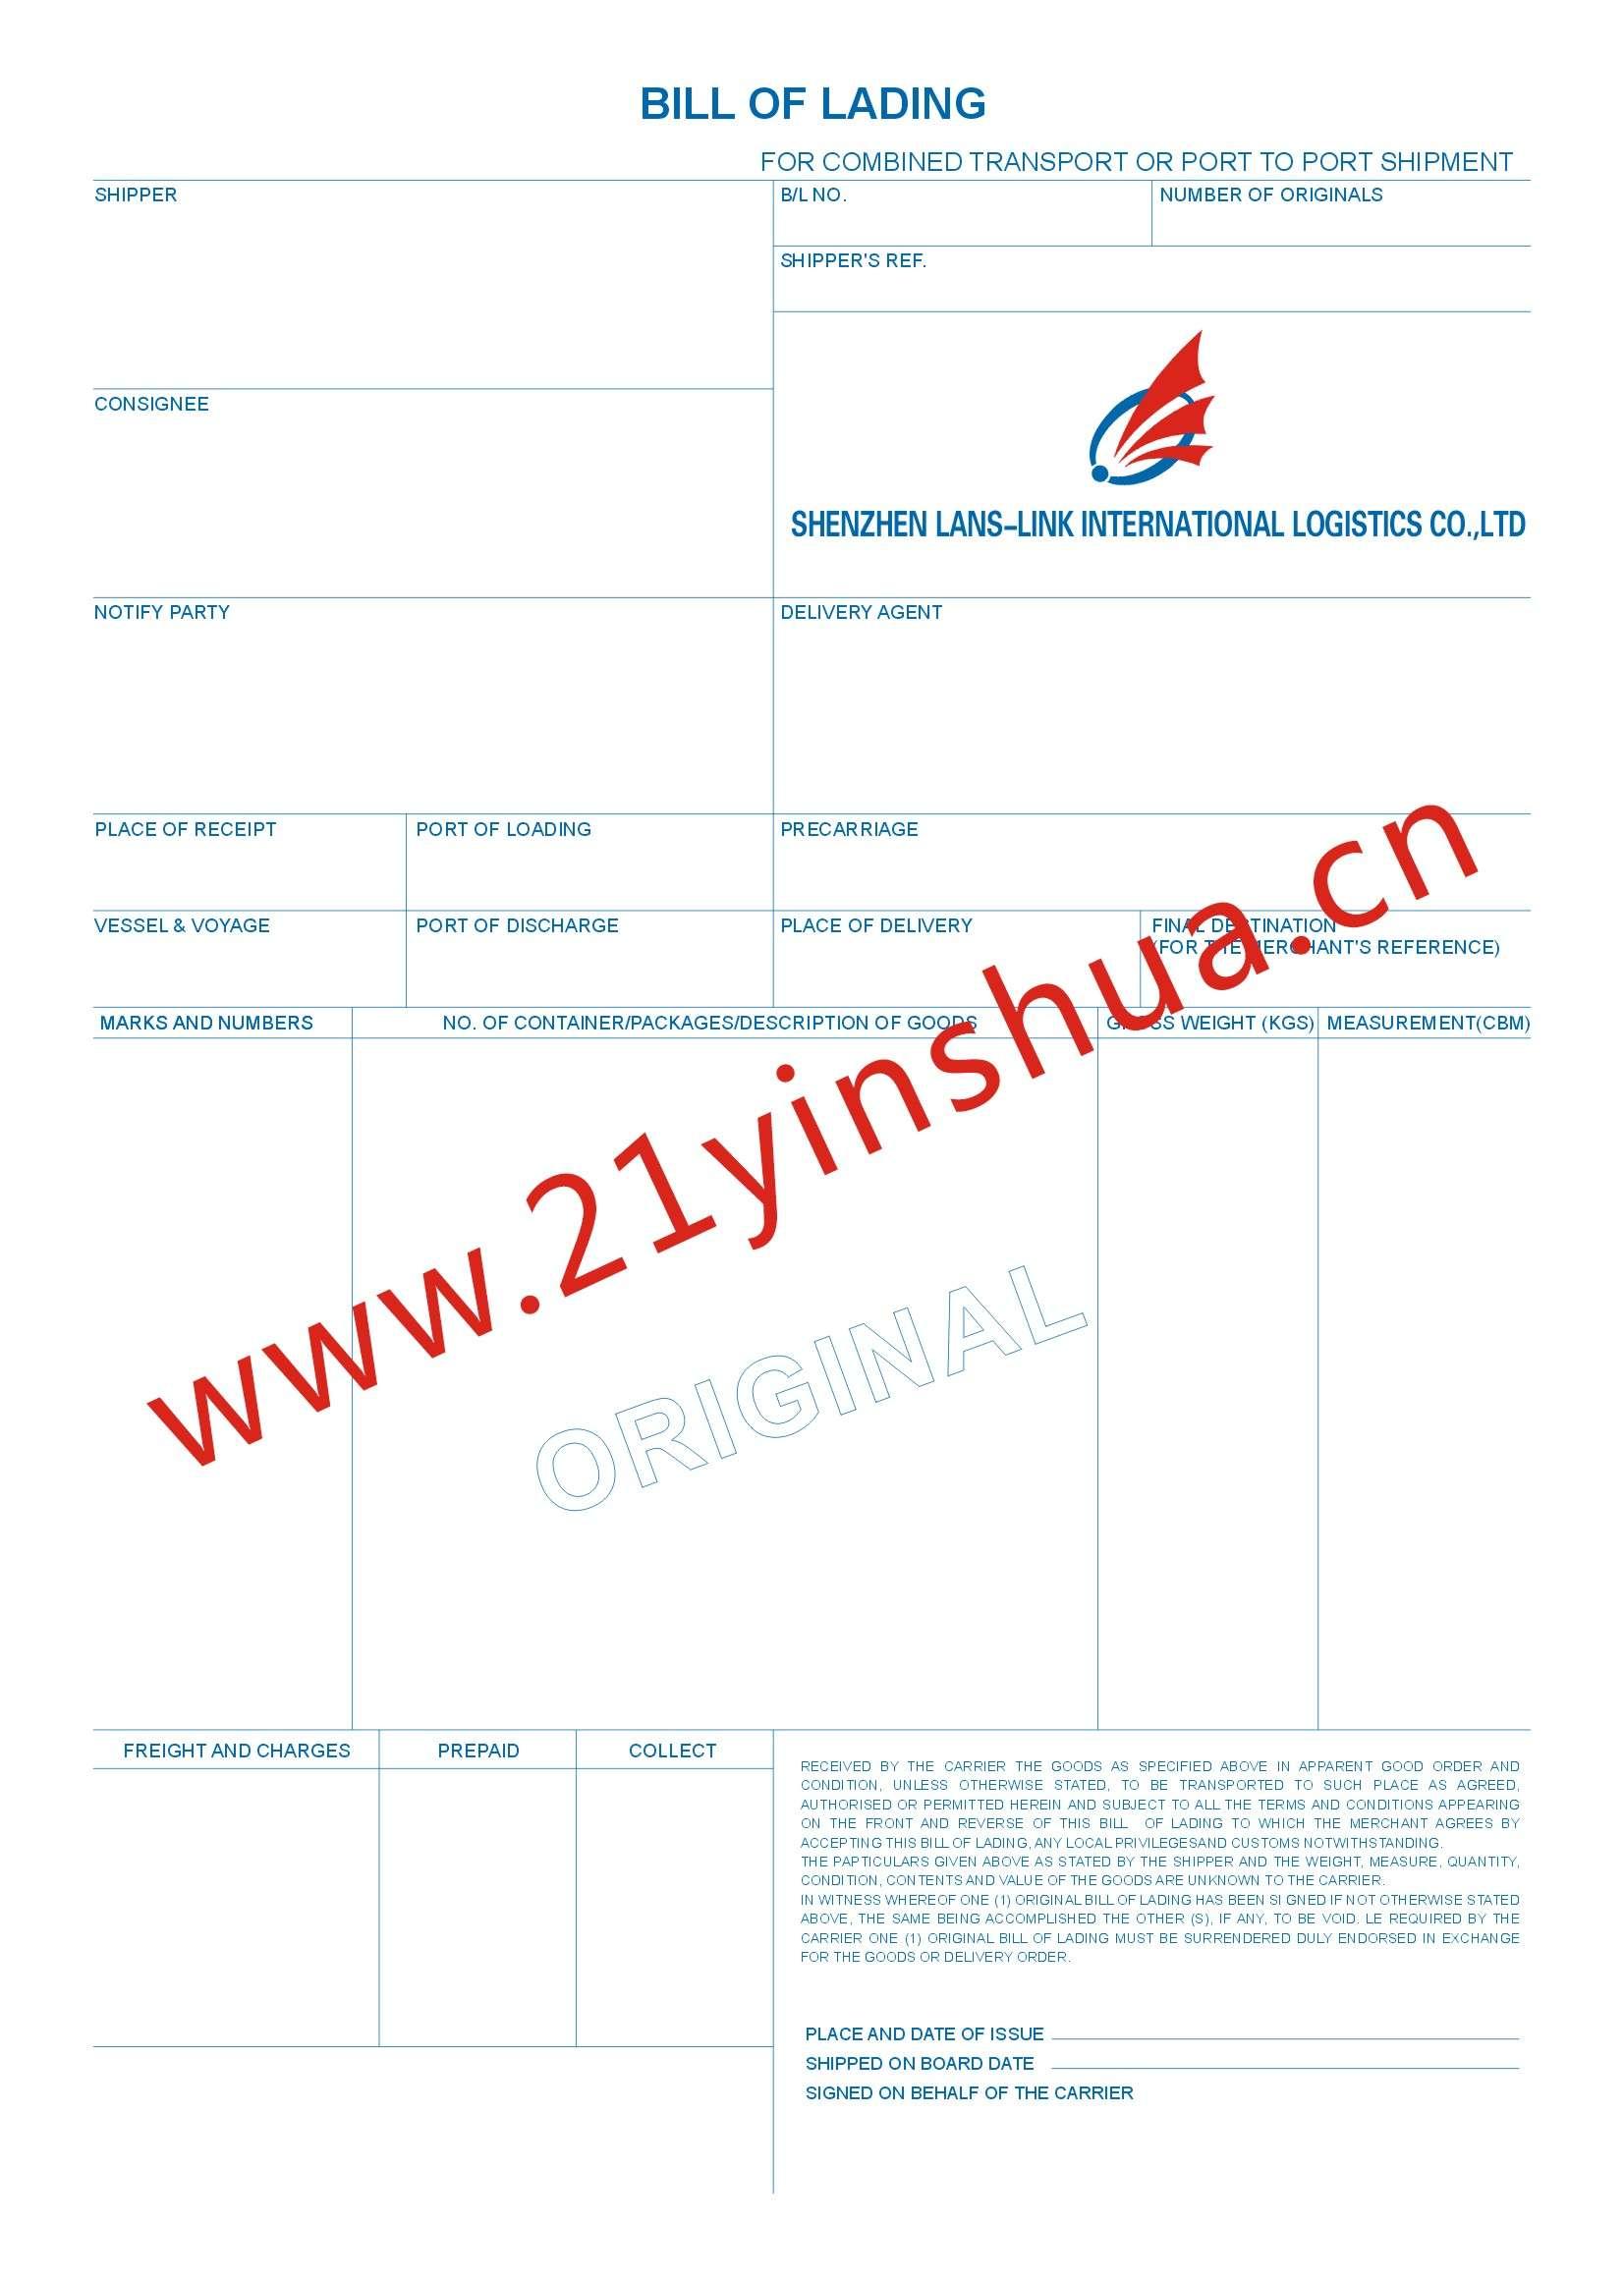 印刷定制海运提单纸打印 SHENZHEN LANS-LINK 成功案例